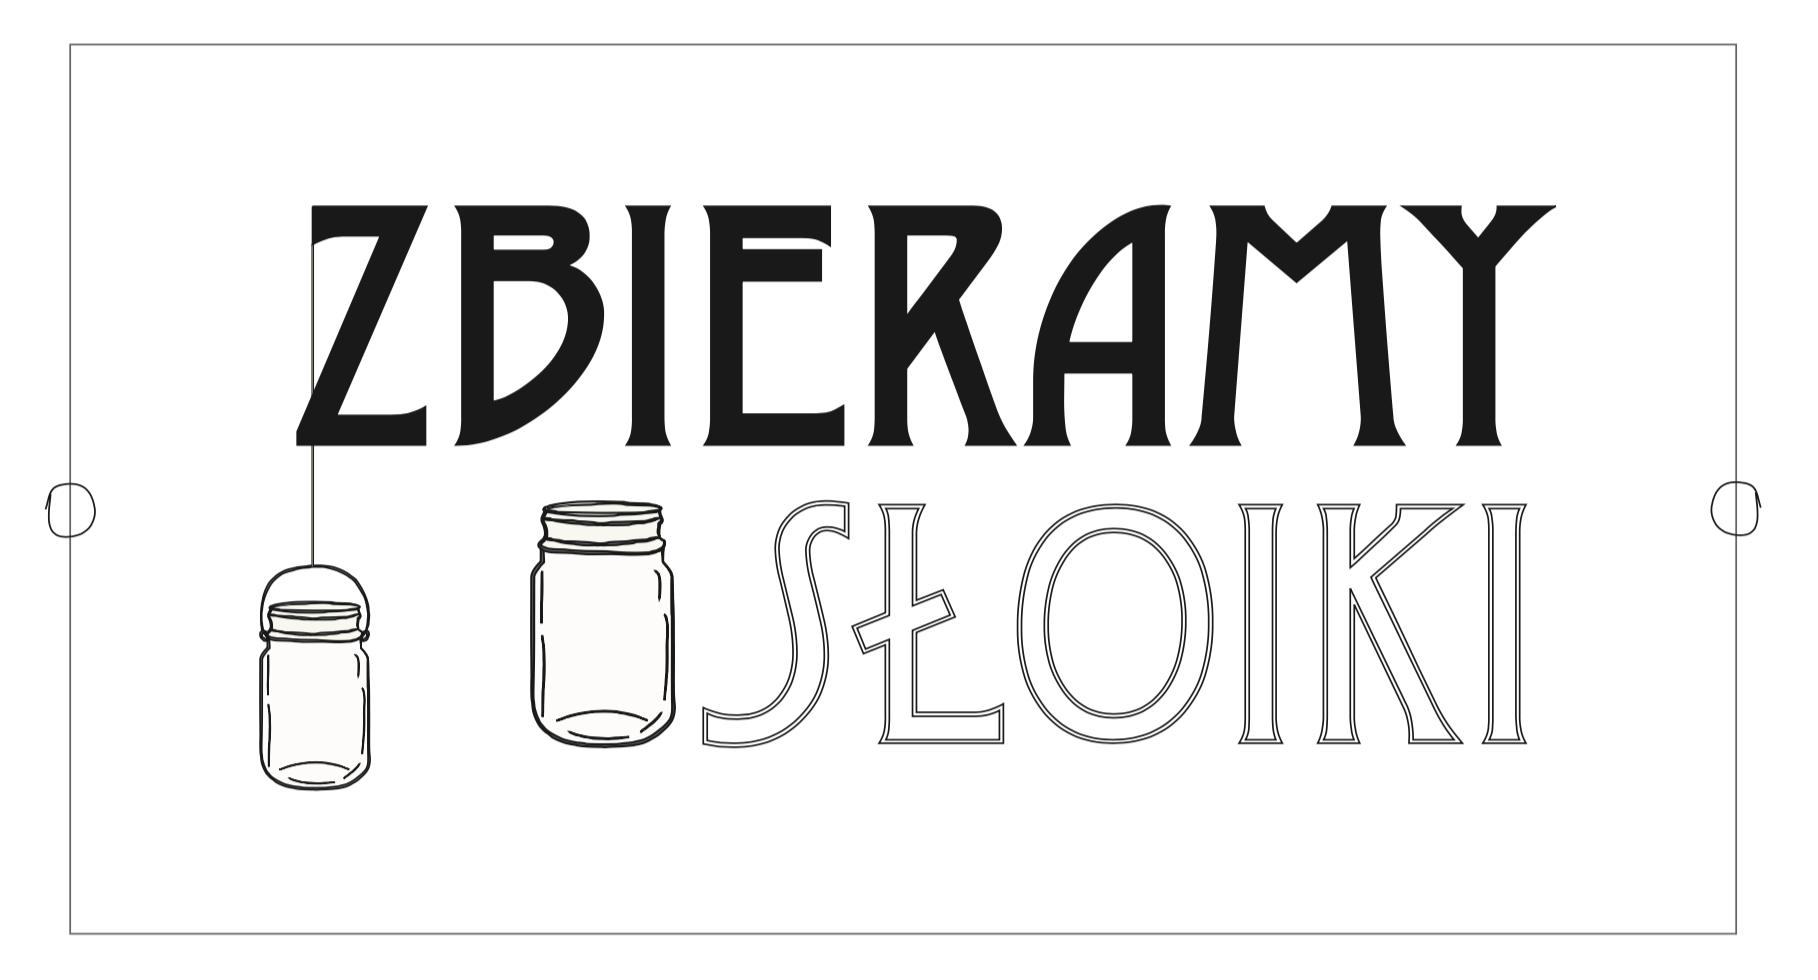 hipoalergiczni-Zbieramy-Słoiki-logo